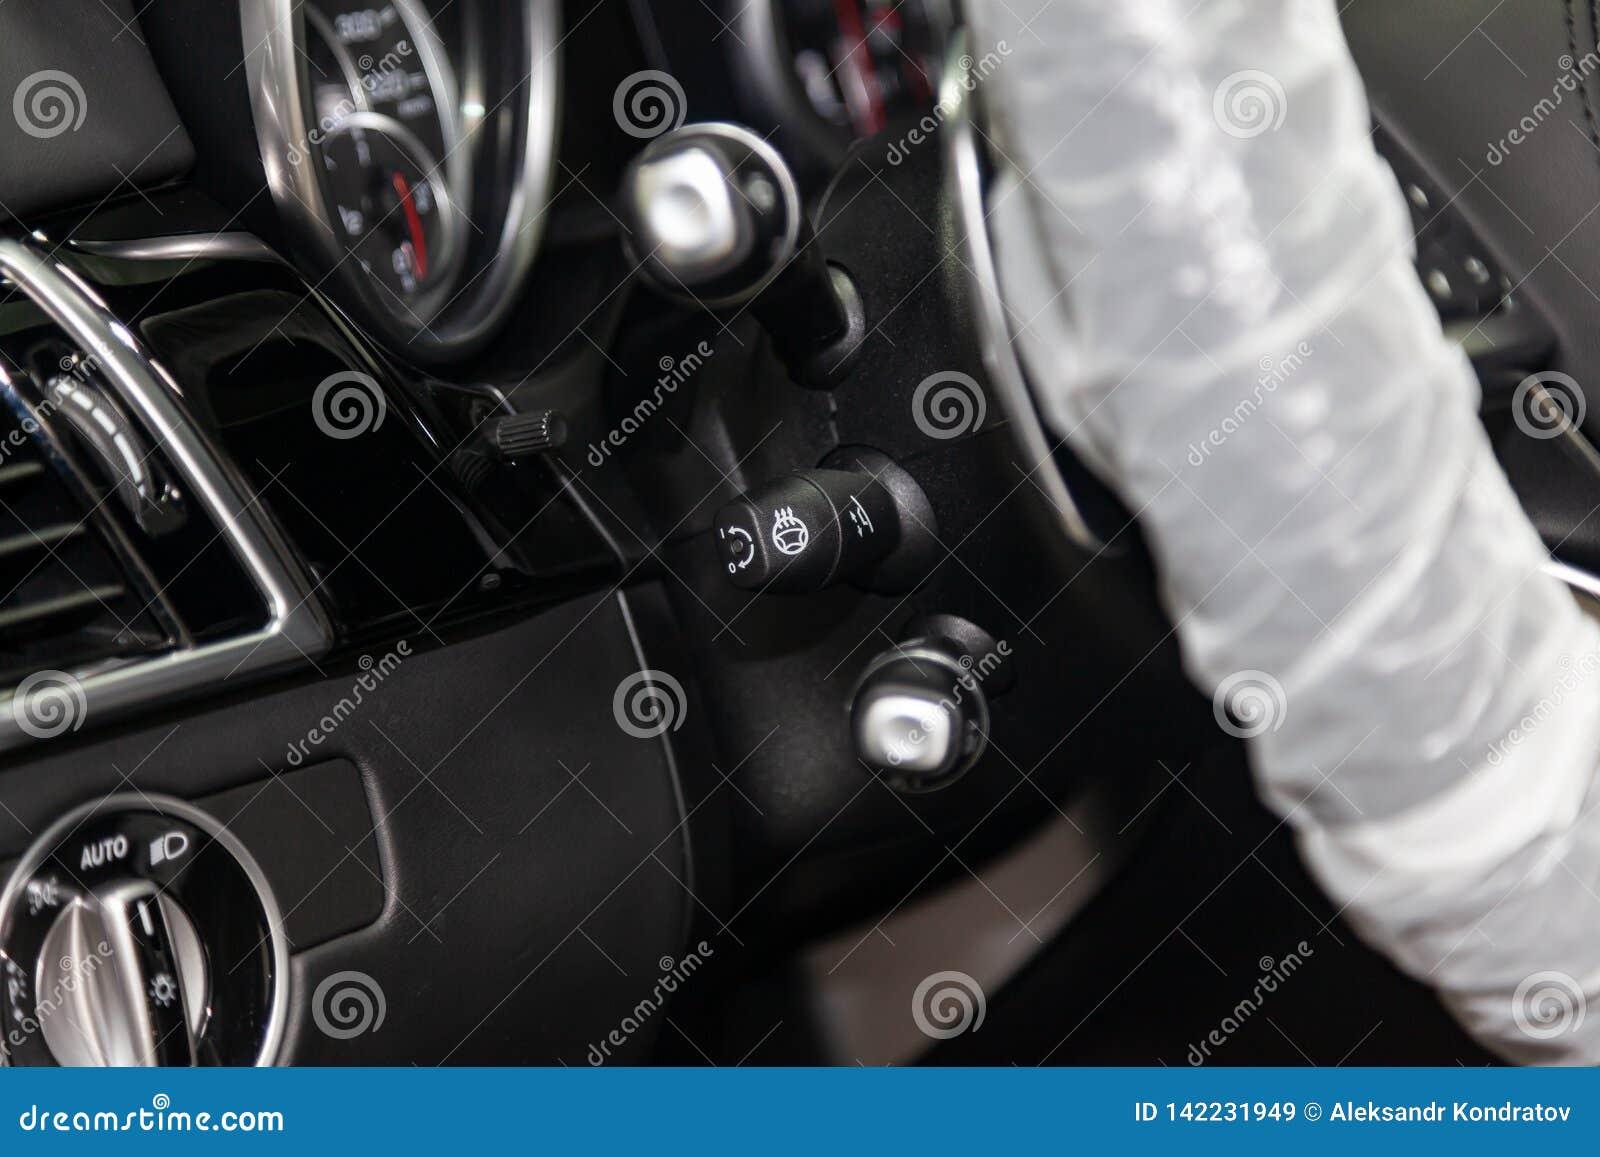 Конец-вверх на части интерьера современного роскошного автомобиля с целью нагретой кнопки руля с черной деревянной отделкой